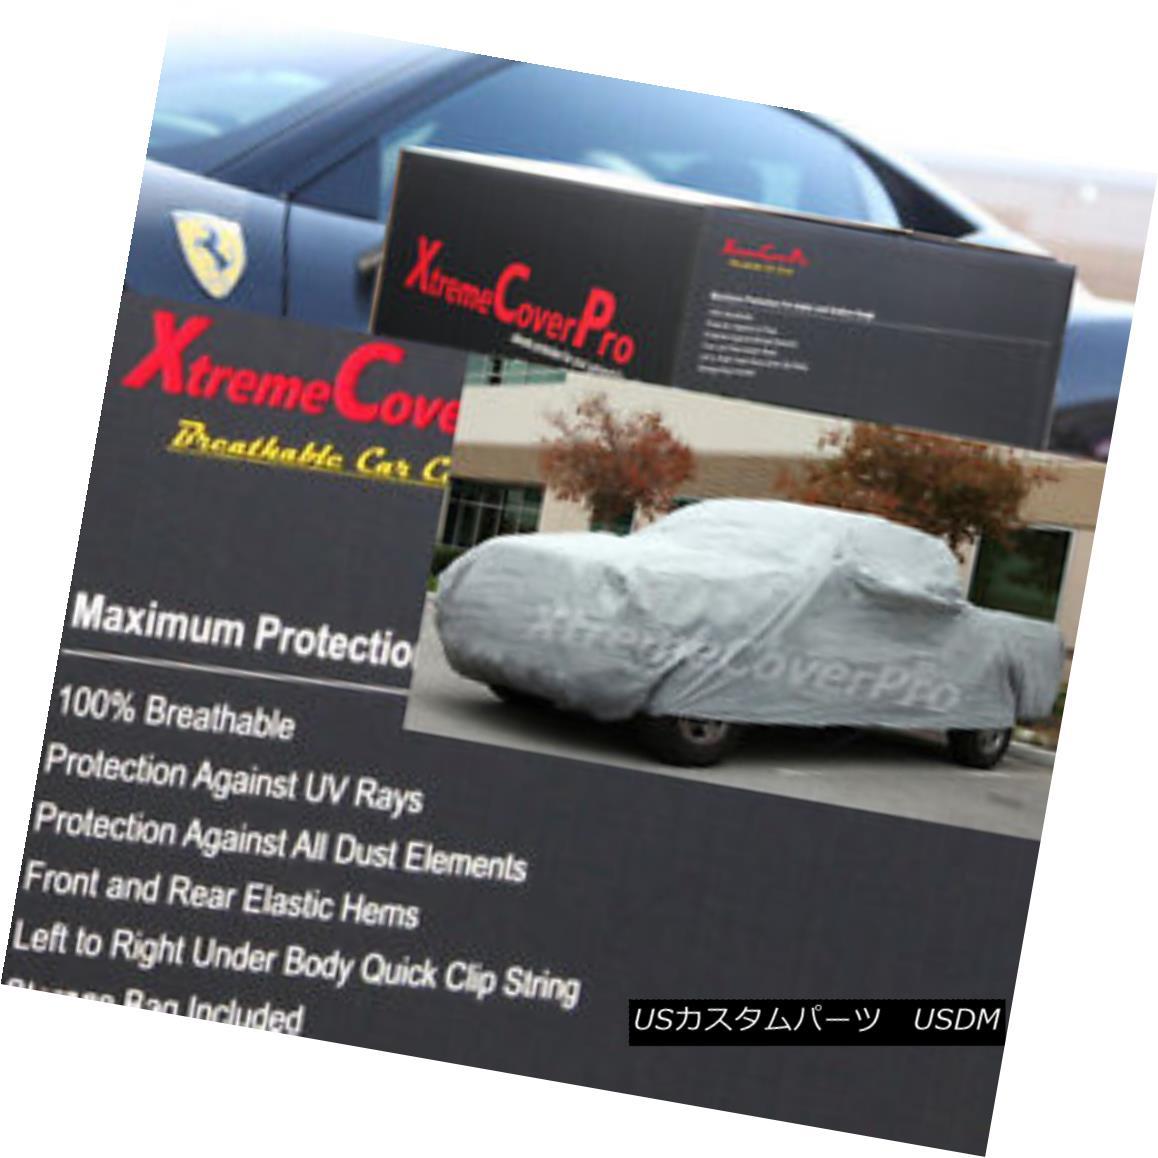 カーカバー 2000 2001 2002 2003 Ford F-150 SuperCrew 5.5ft short Bed Breathable Truck Cover 2000 2001 2002 2003フォードF-150スーパークルー5.5ftショートベッド通気性トラックカバー